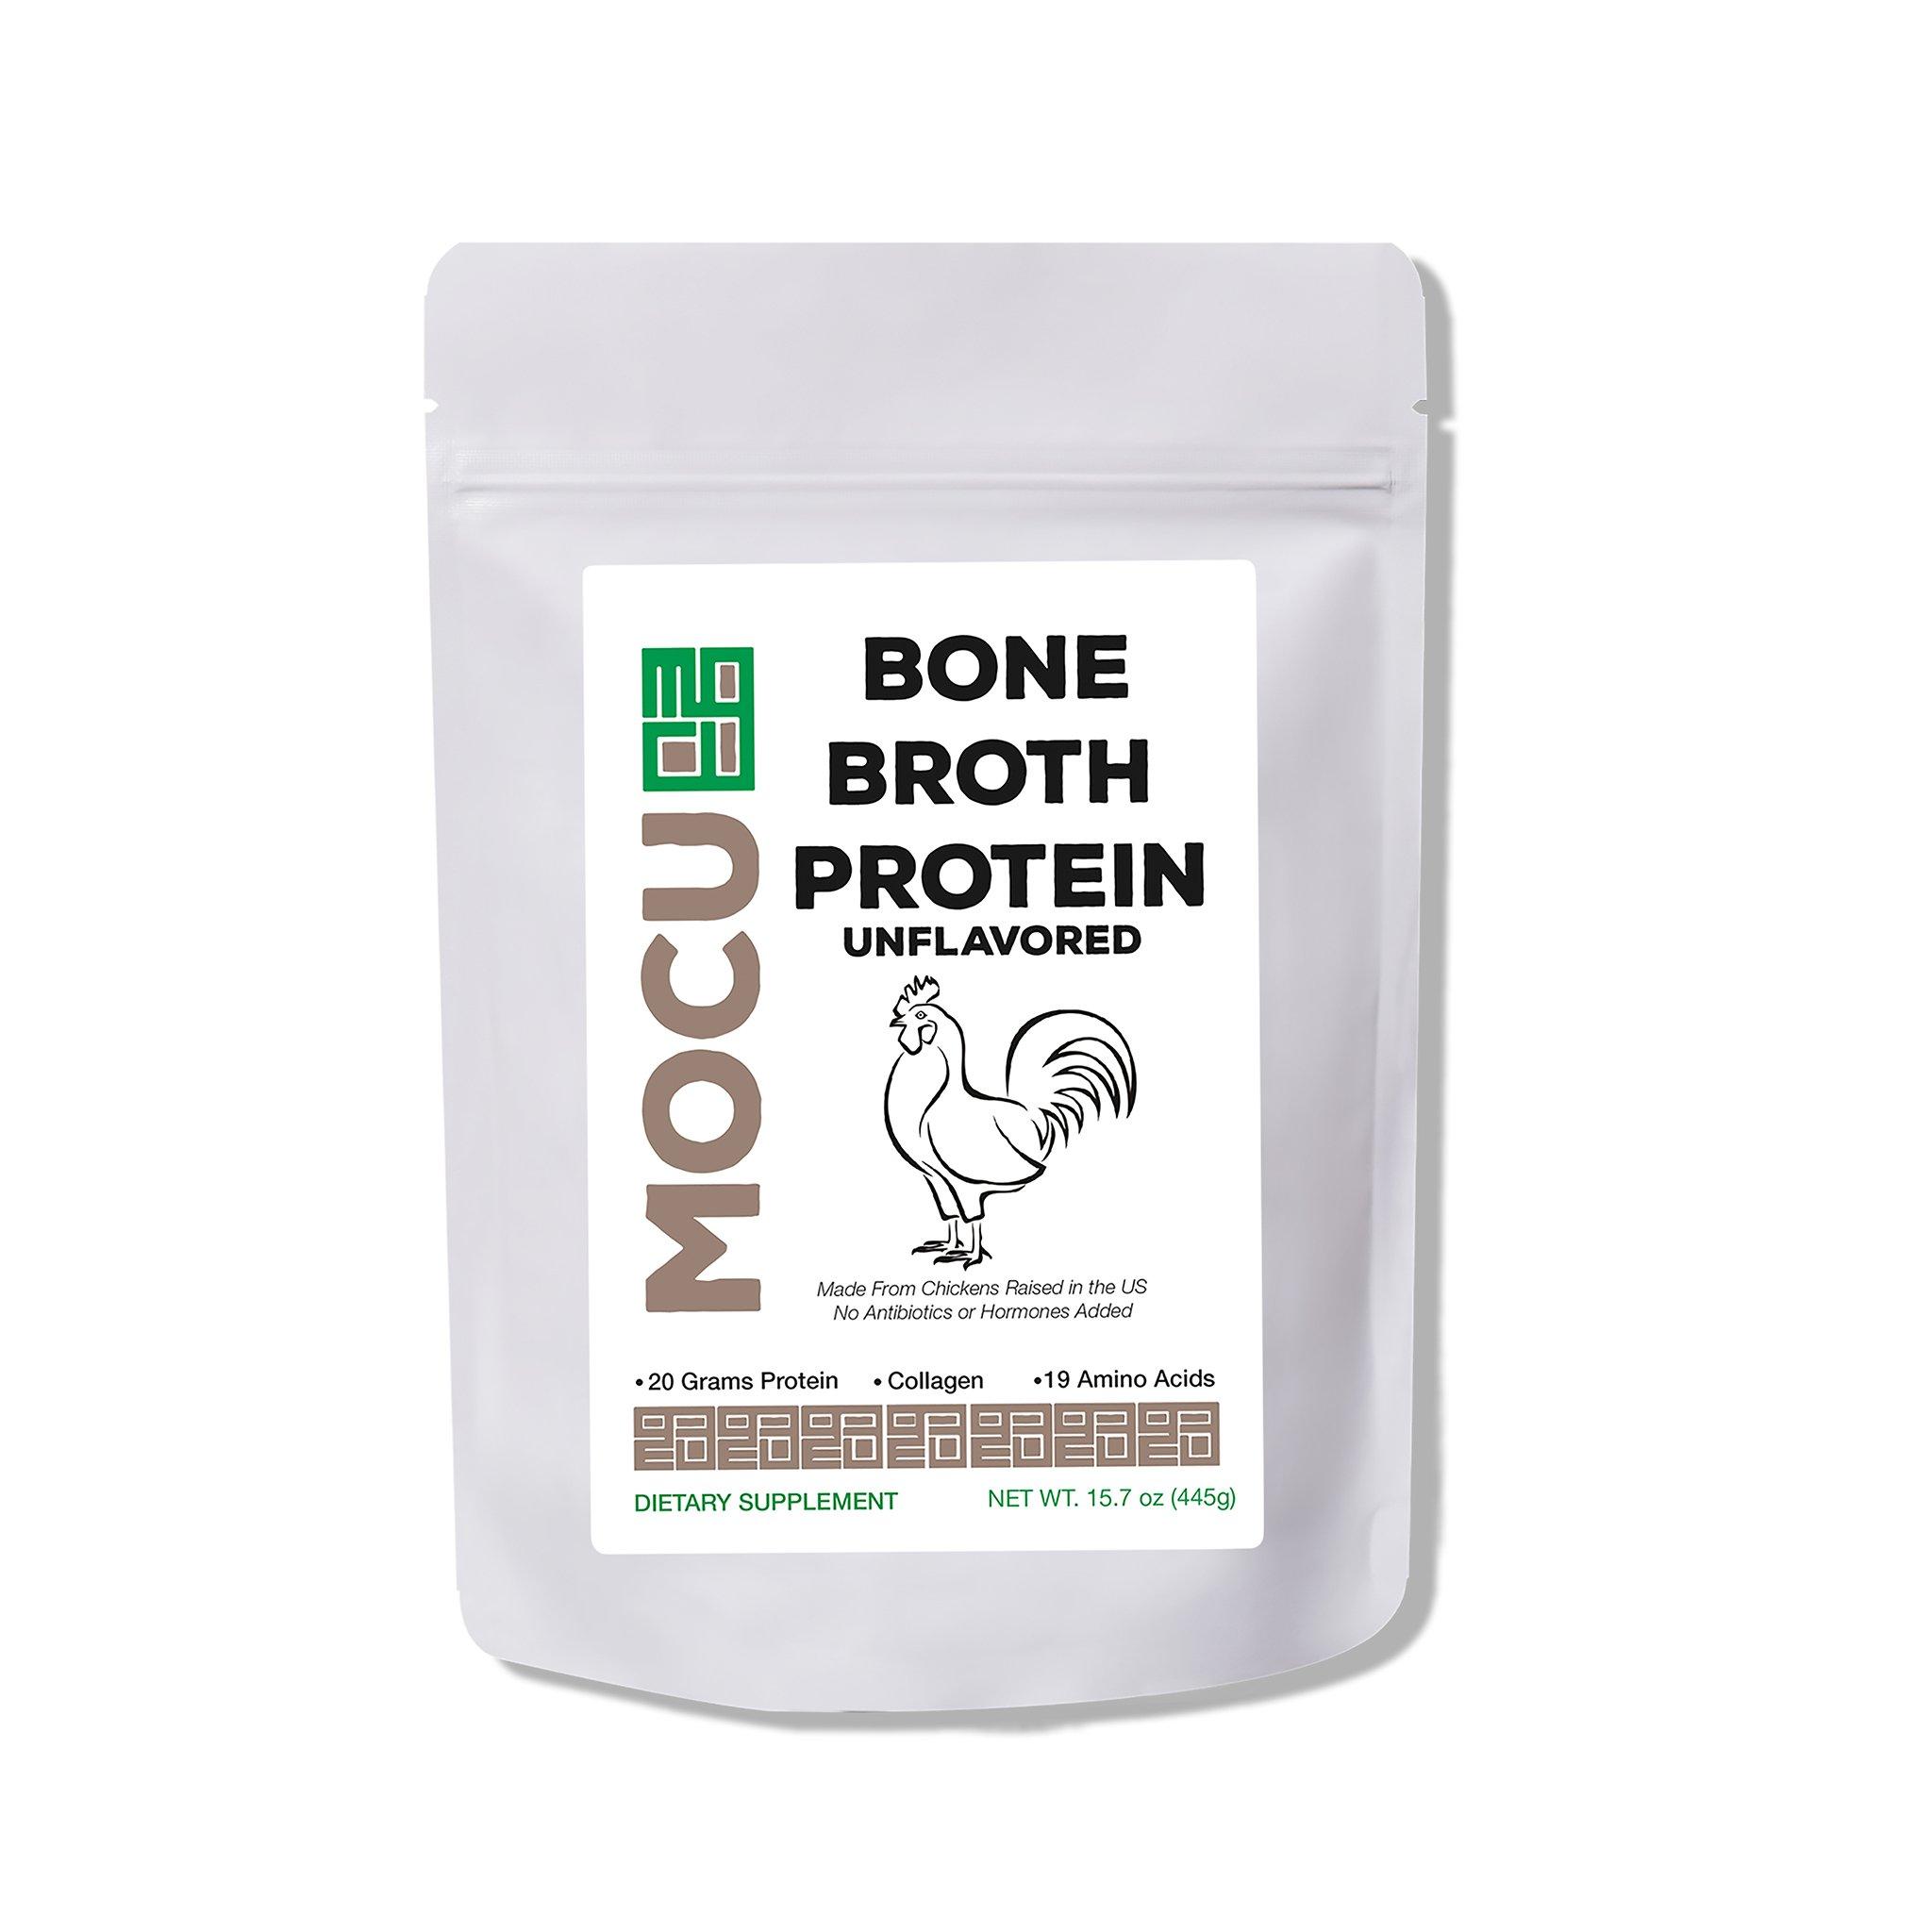 mocu-bone-broth-protein-powder-front.jpg